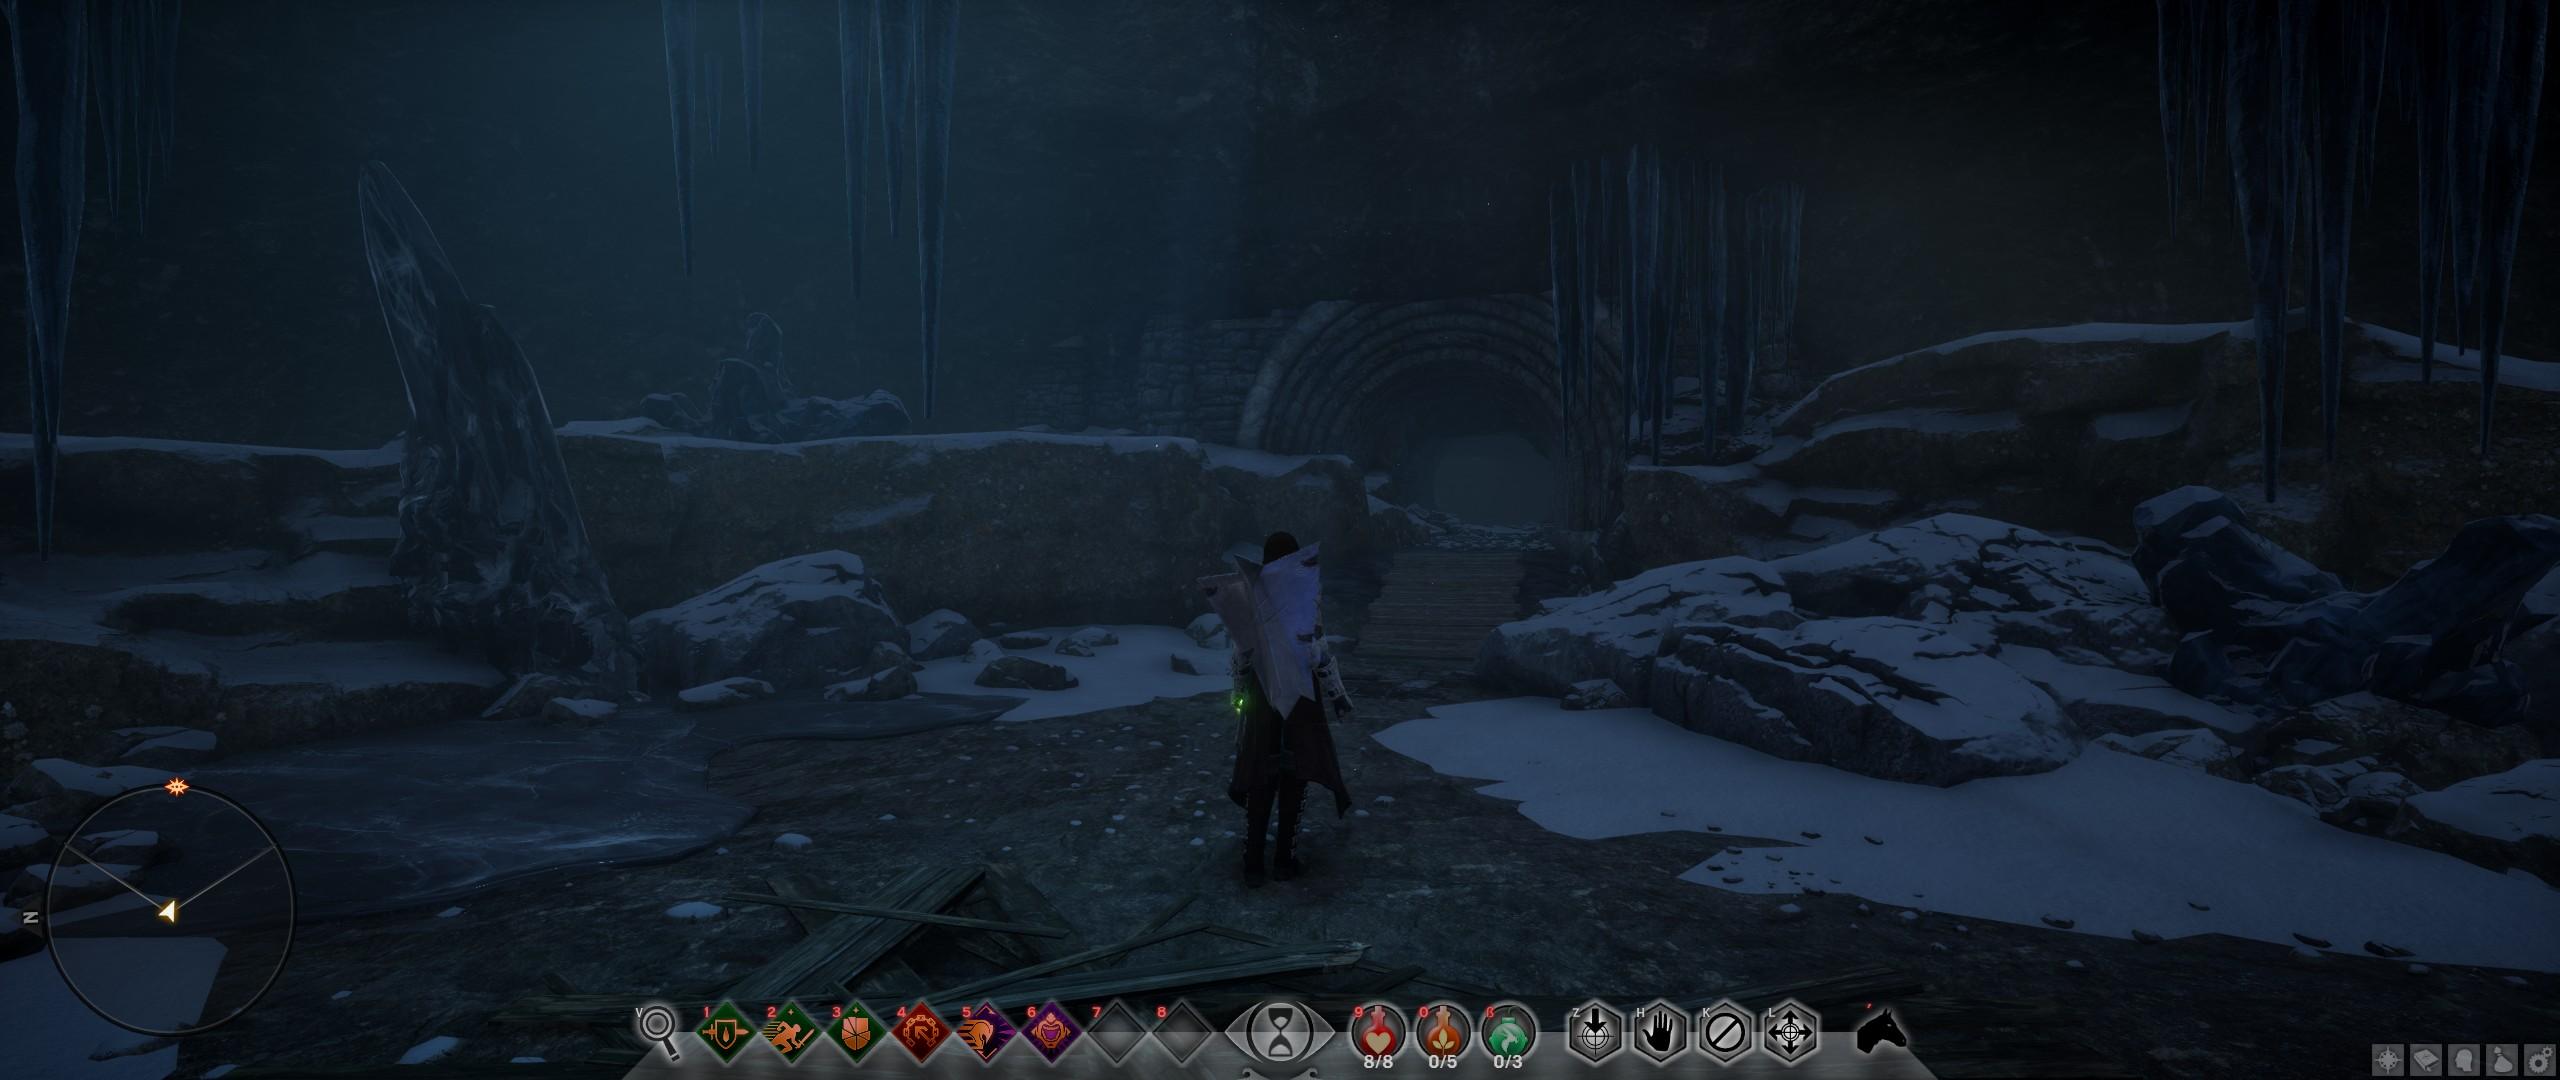 ScreenshotWin32_0068_Final